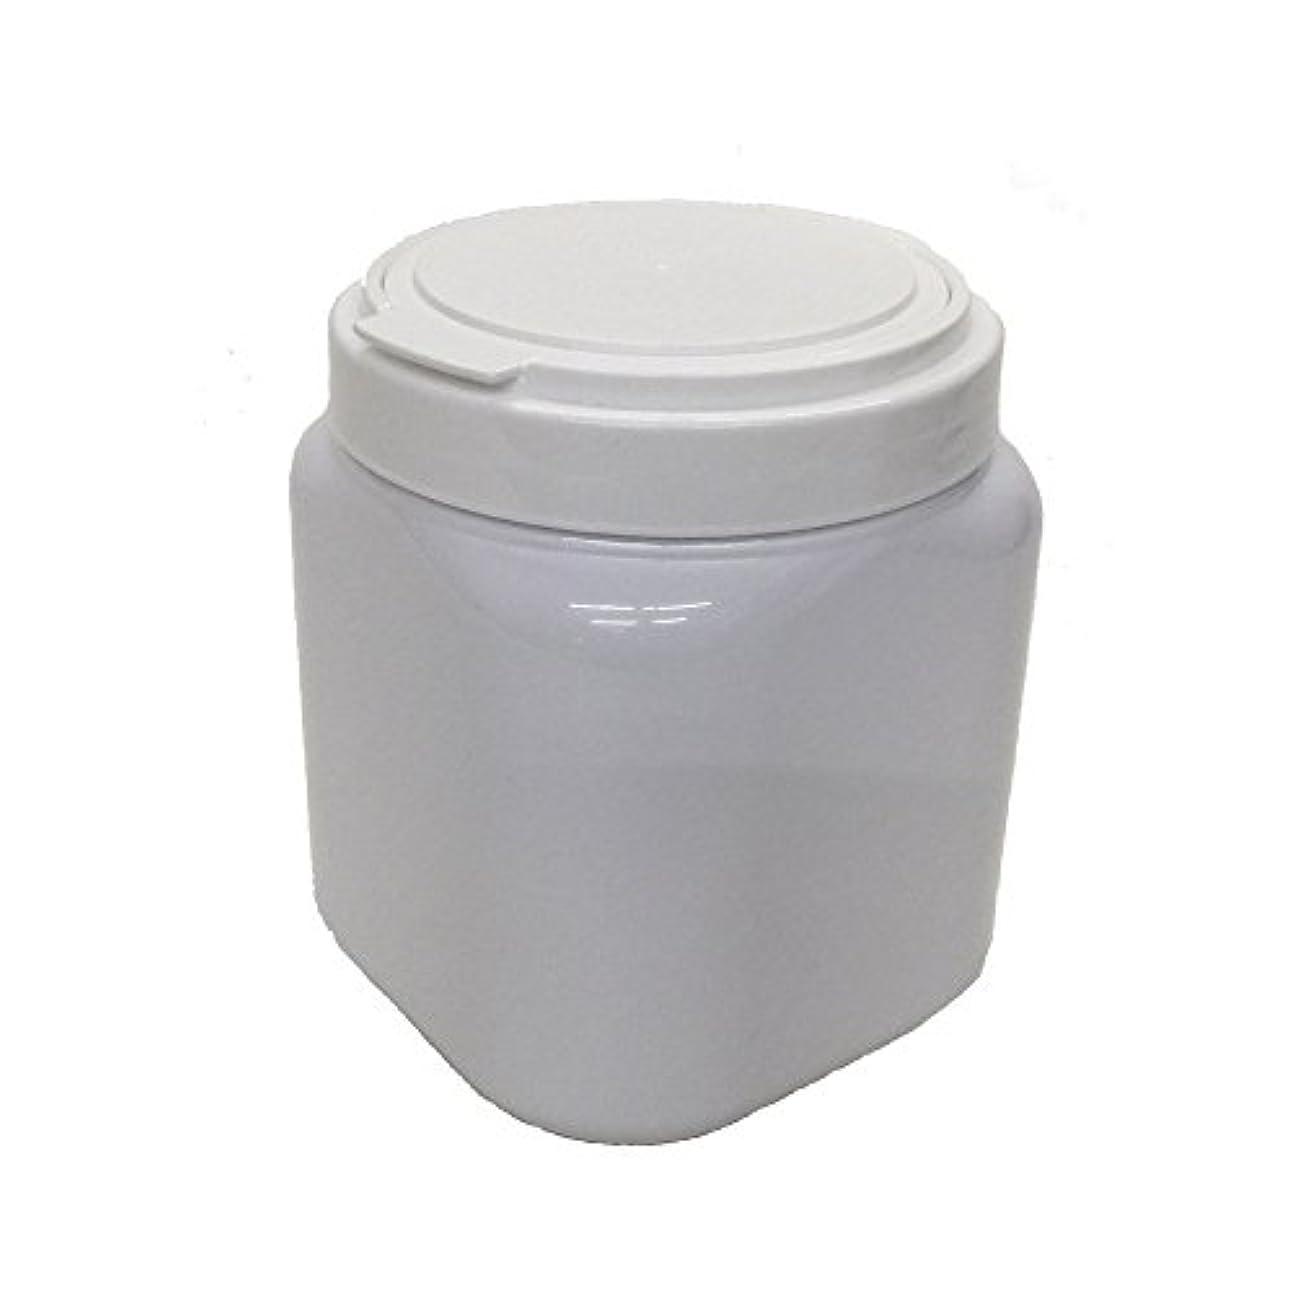 コンテスト保険をかけるcubebox-WH-1500(ホワイト)【選べるラベル付き!】 ((Skinny)スキニー調)